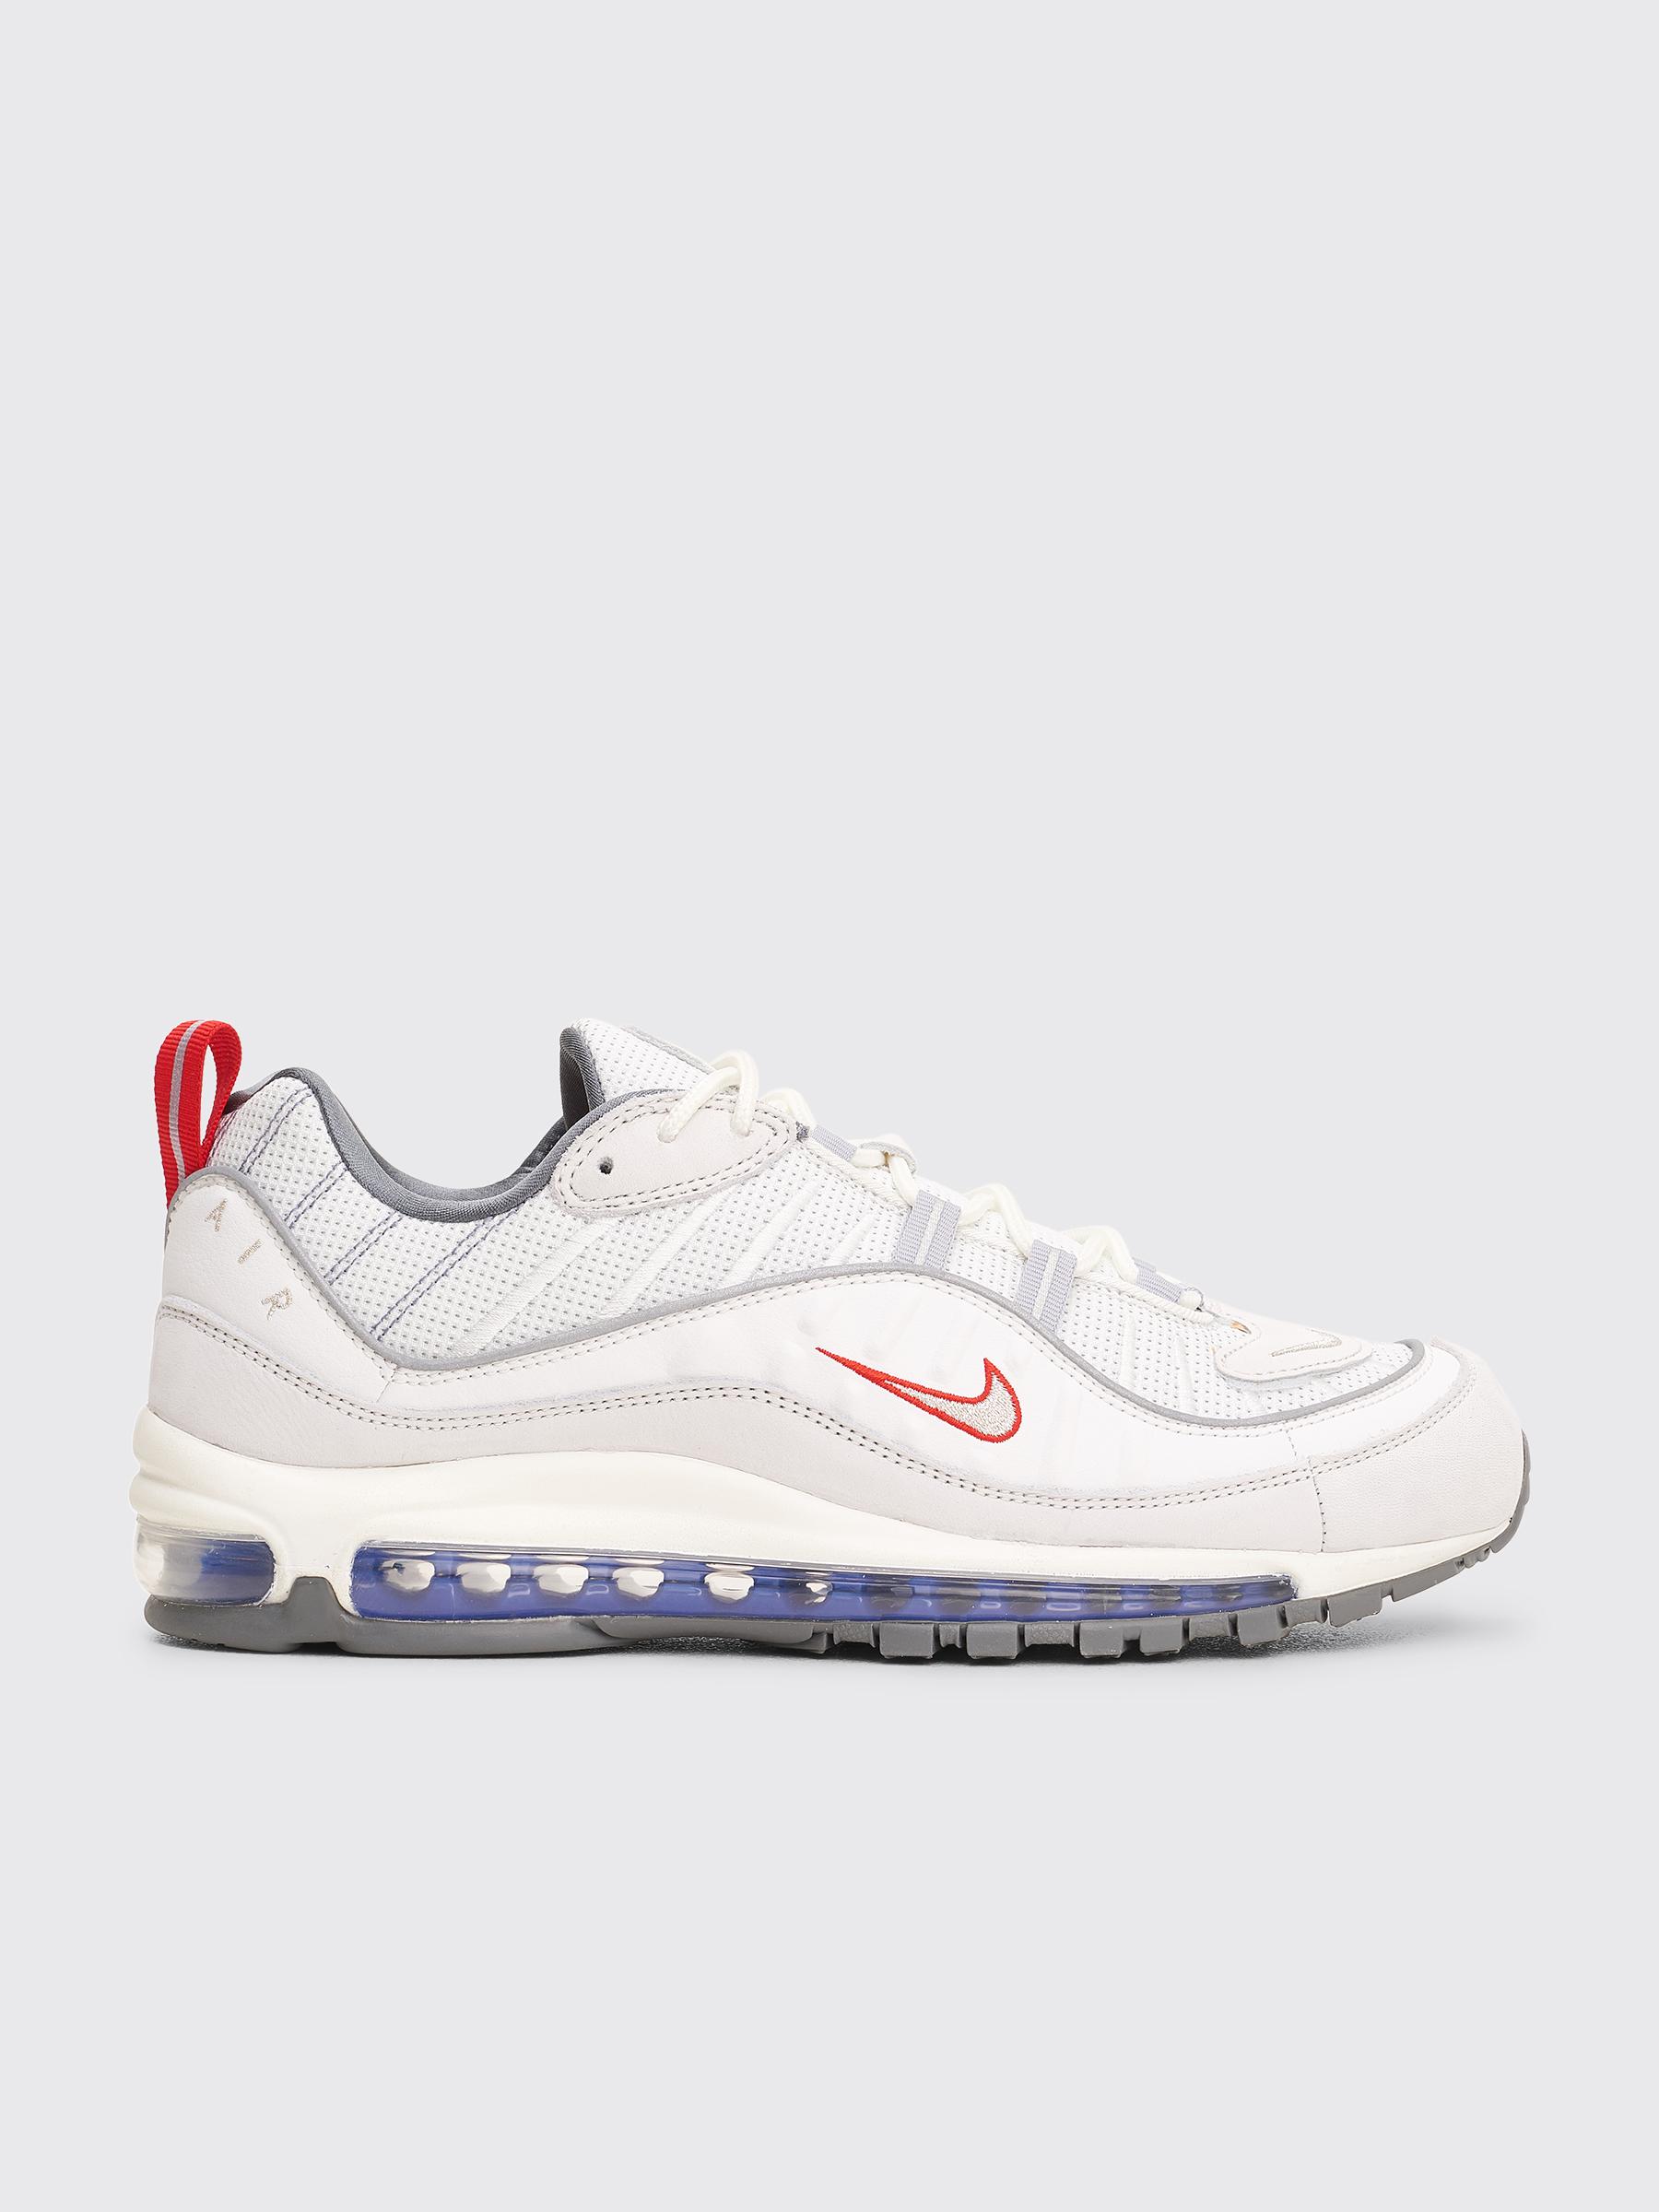 online store bda3c a239e Très Bien - Nike Air Max 98 Summit White   Metallic Silver